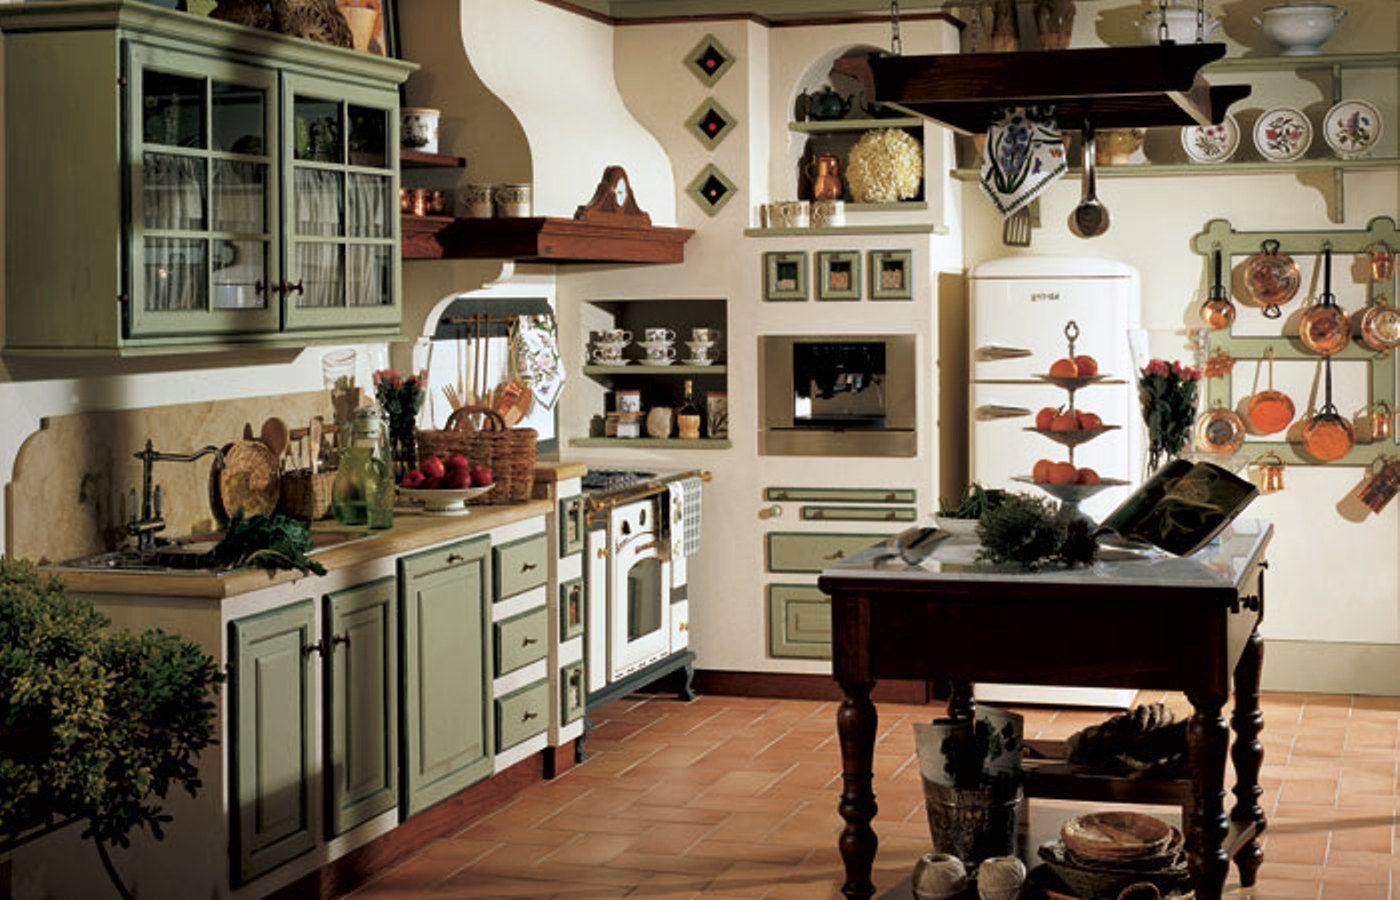 CUCINA IN MURATURA | Cucina | Pinterest | Cucina, Cucine e Cucine ...